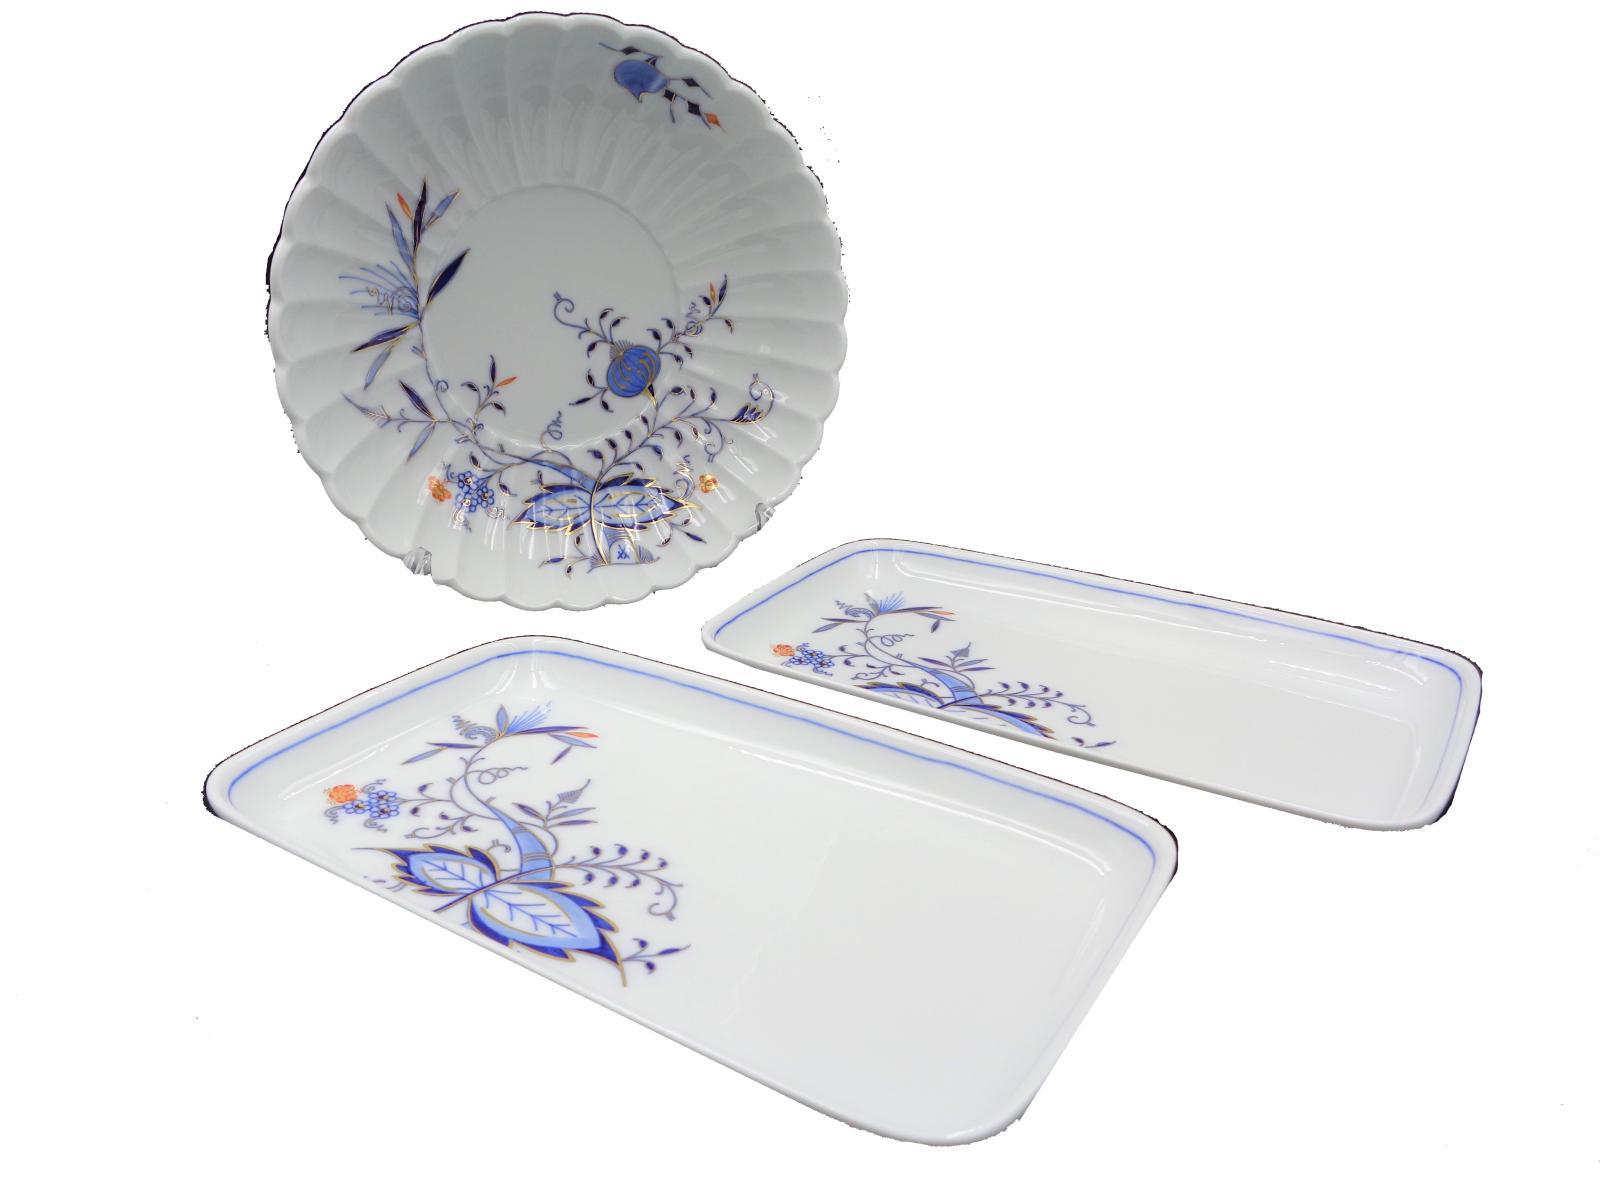 送料無料 Meissen マイセン カラーオニオン ボウル&スクエアプレート セット ギフト 洋食器 皿 中古